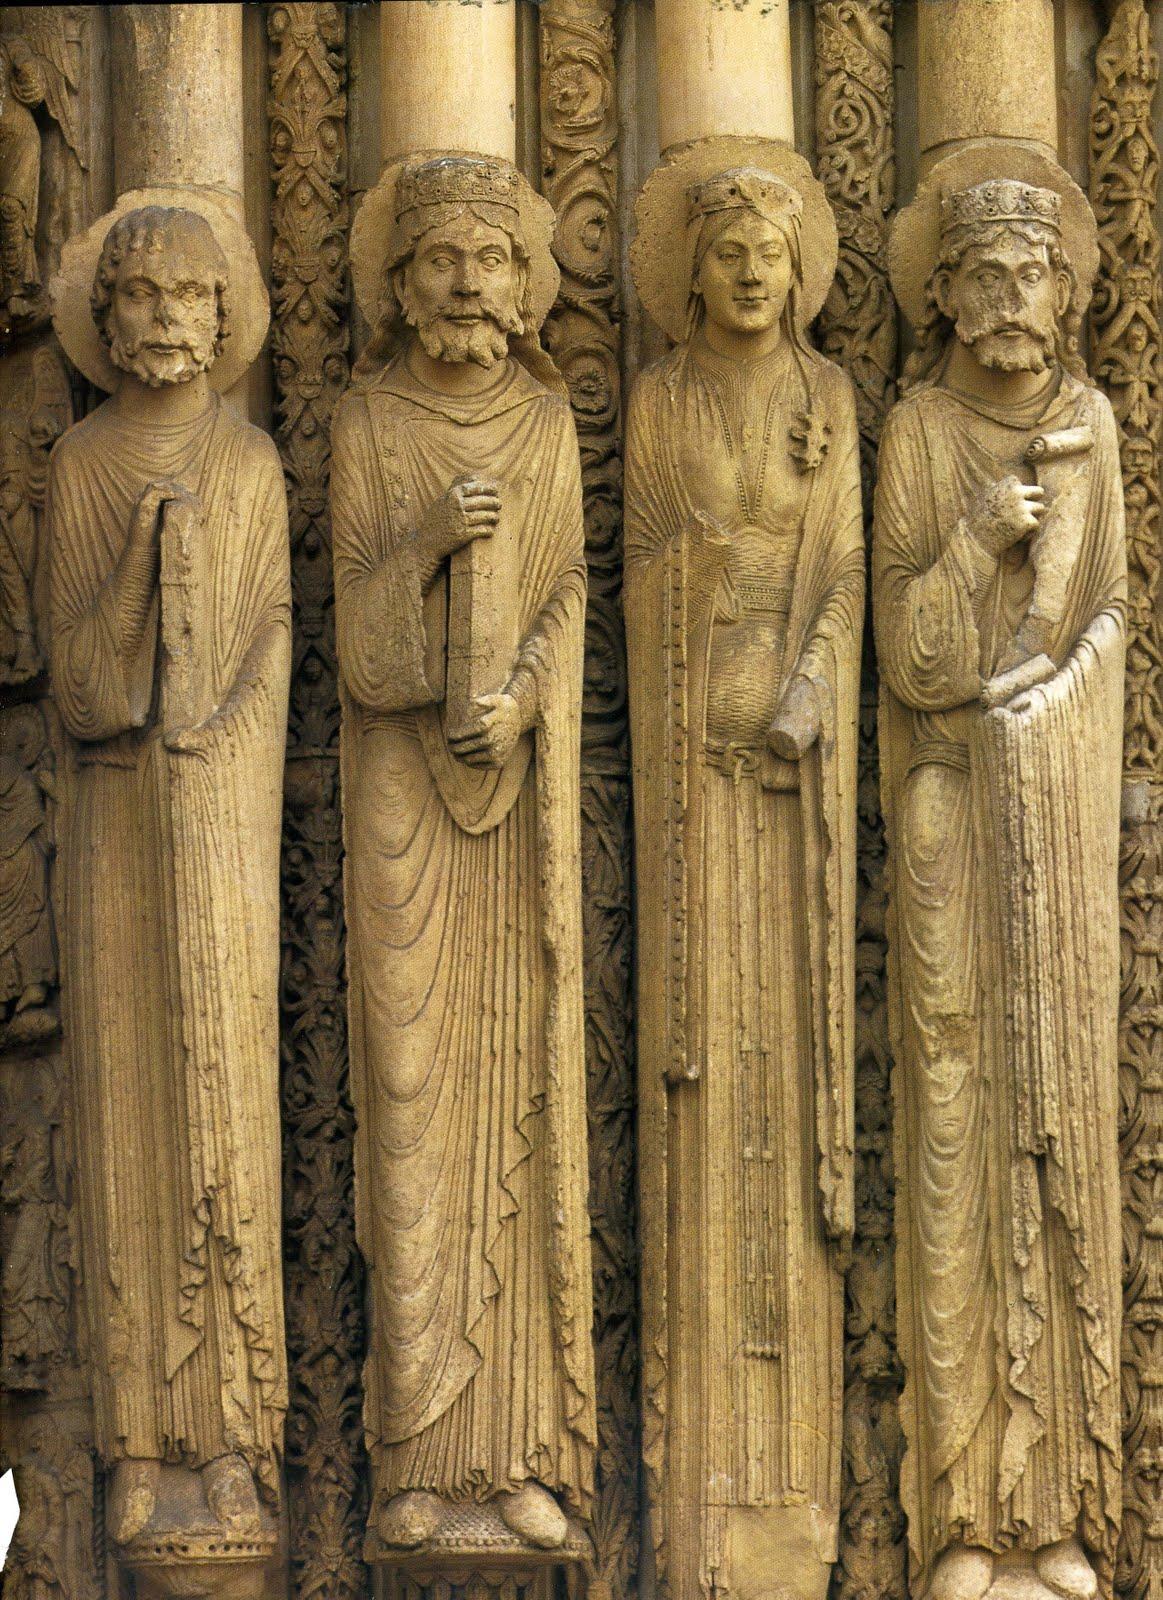 Gothic Period Sculpture